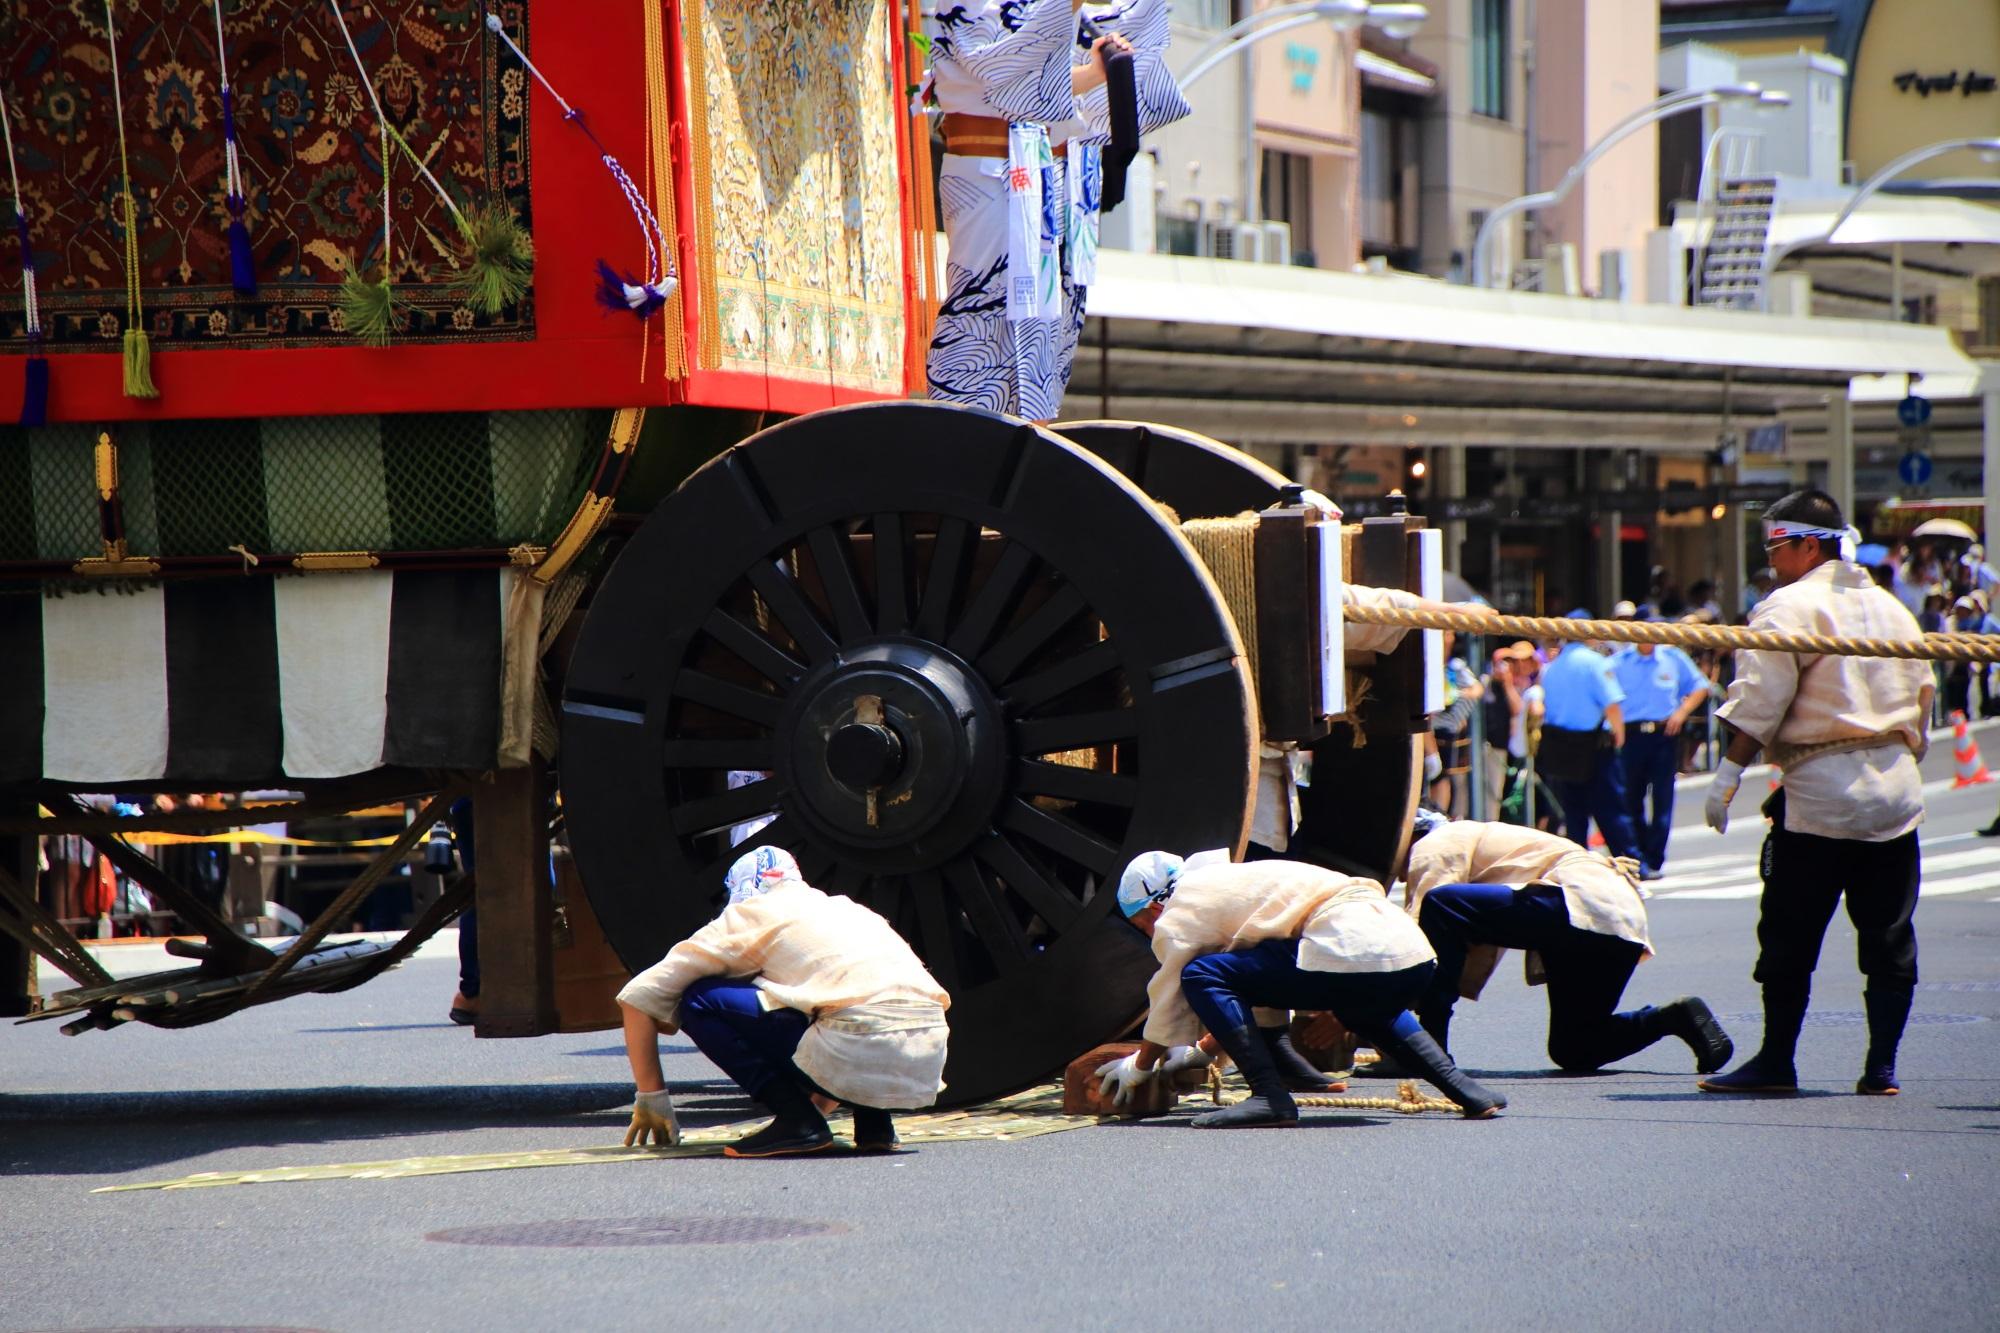 京都三大祭の一つの祇園祭後祭の山鉾巡行の南観音山(なみかんのんやま)の辻回し